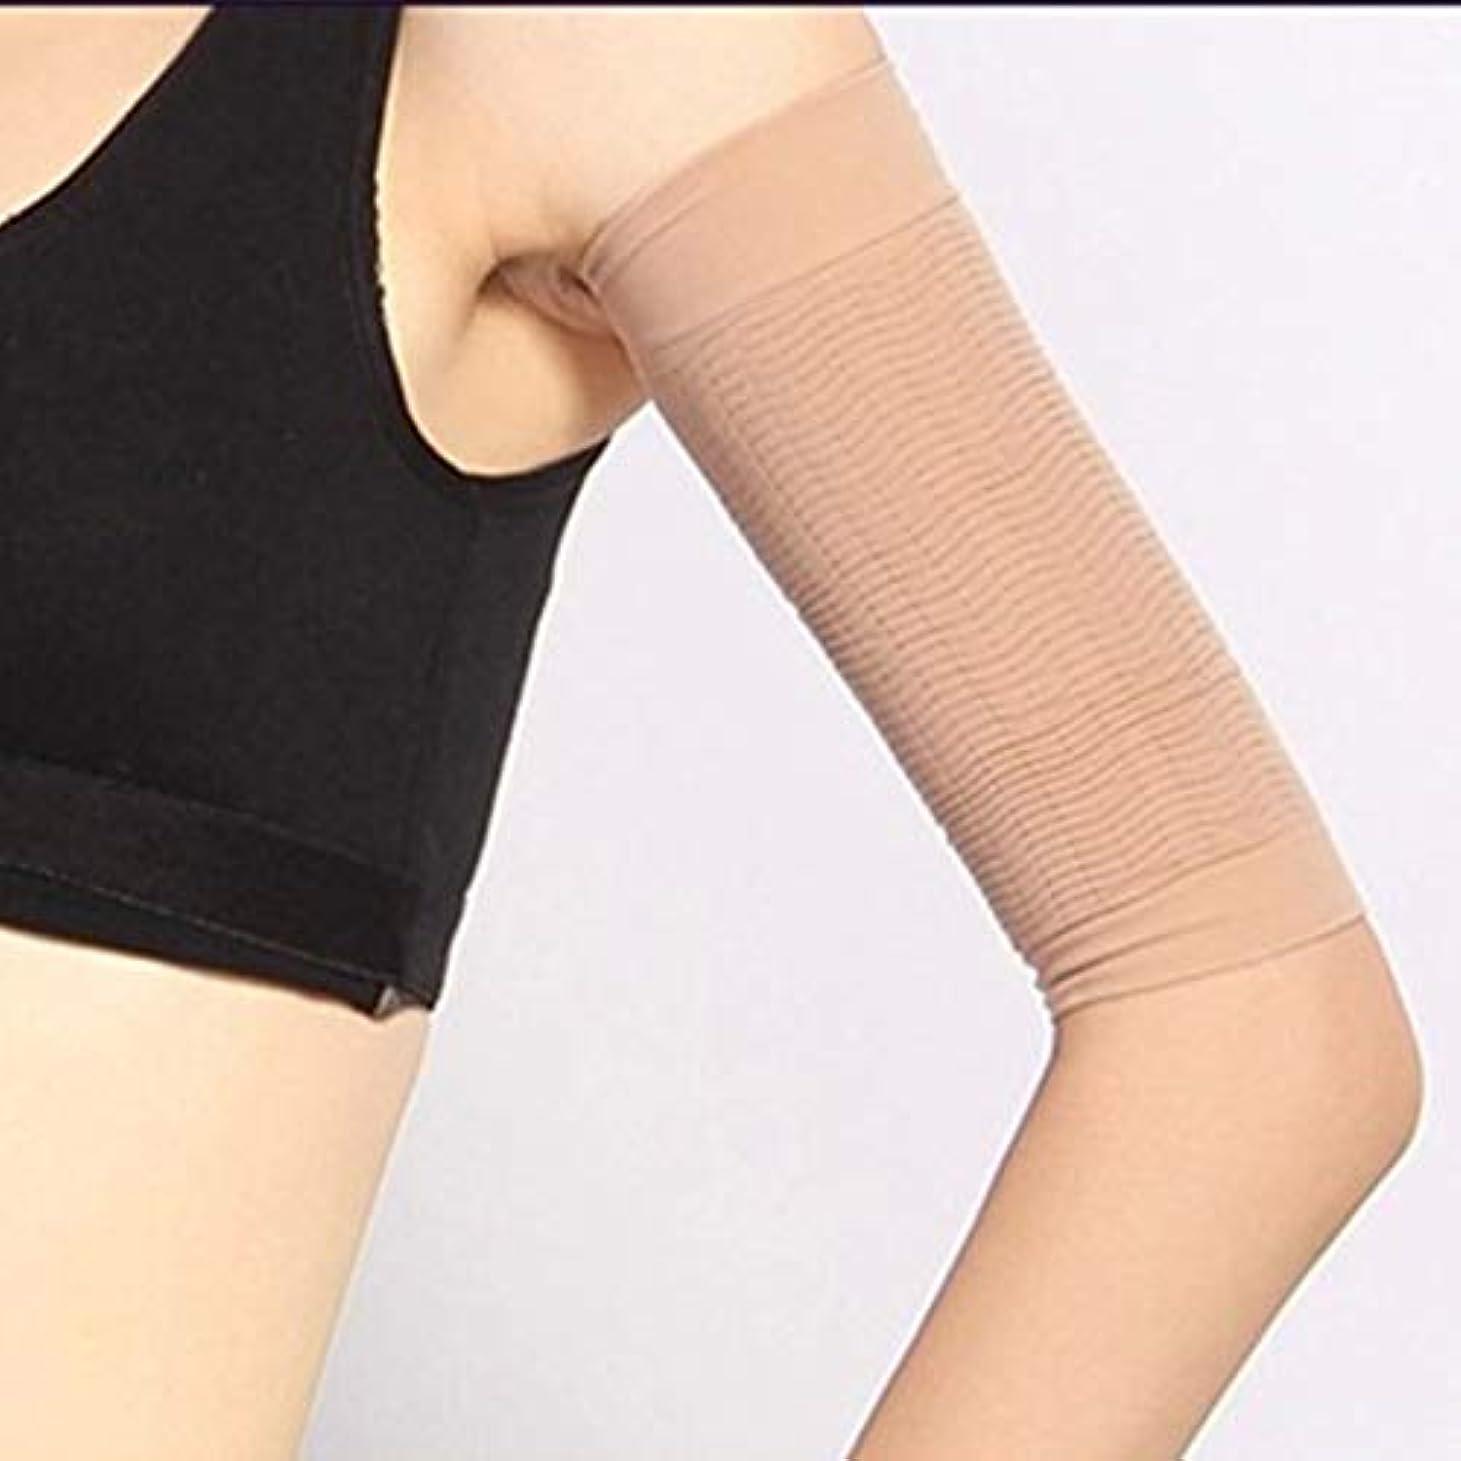 万一に備えて裁判官ワイプ1ペア420 D圧縮痩身アームスリーブワークアウトトーニングバーンセルライトシェイパー脂肪燃焼袖用女性 - 肌色